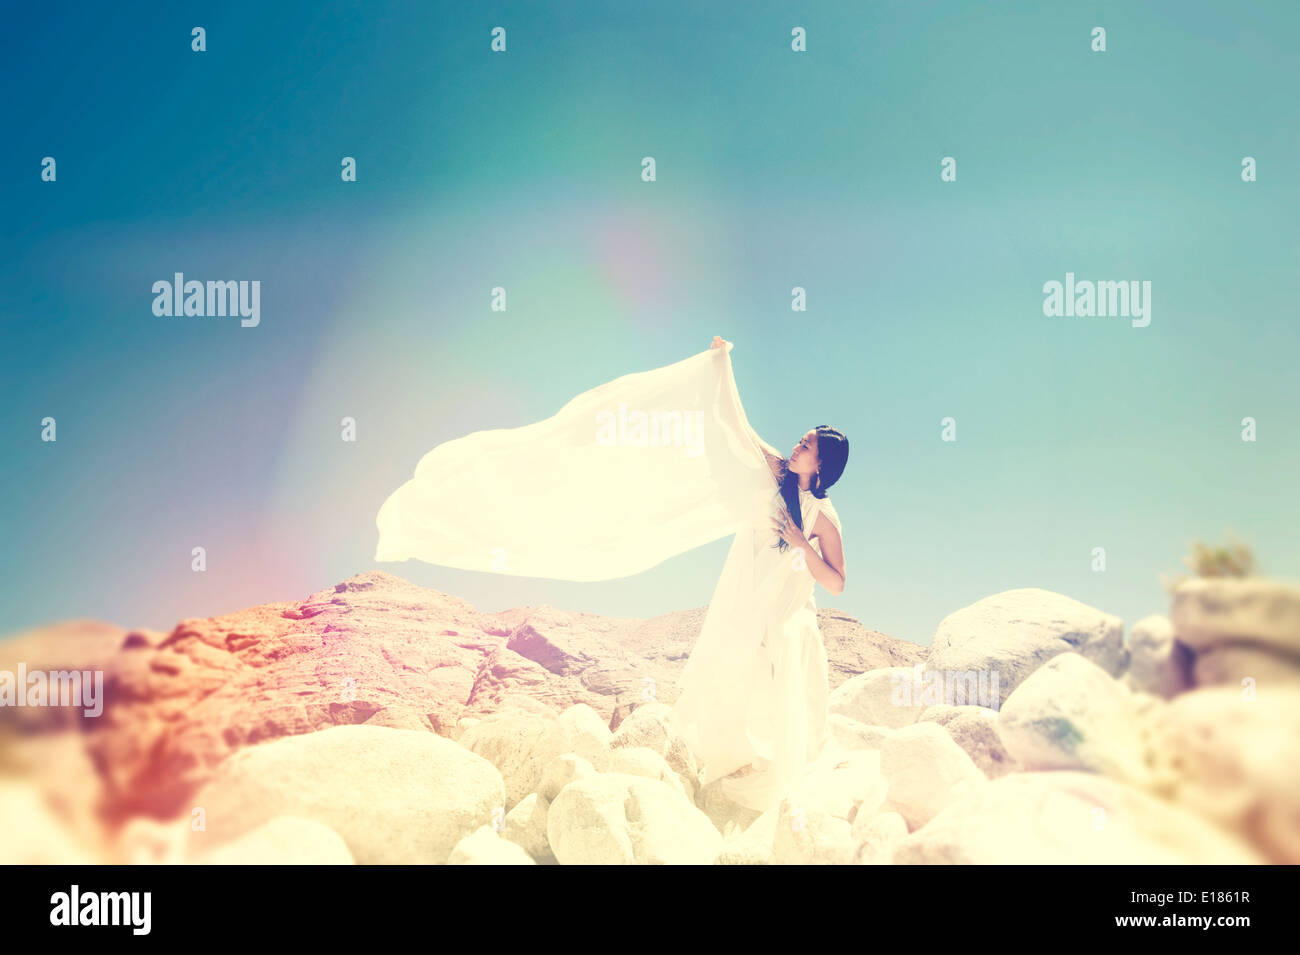 La donna in bianco in cima a una montagna. Immagini Stock